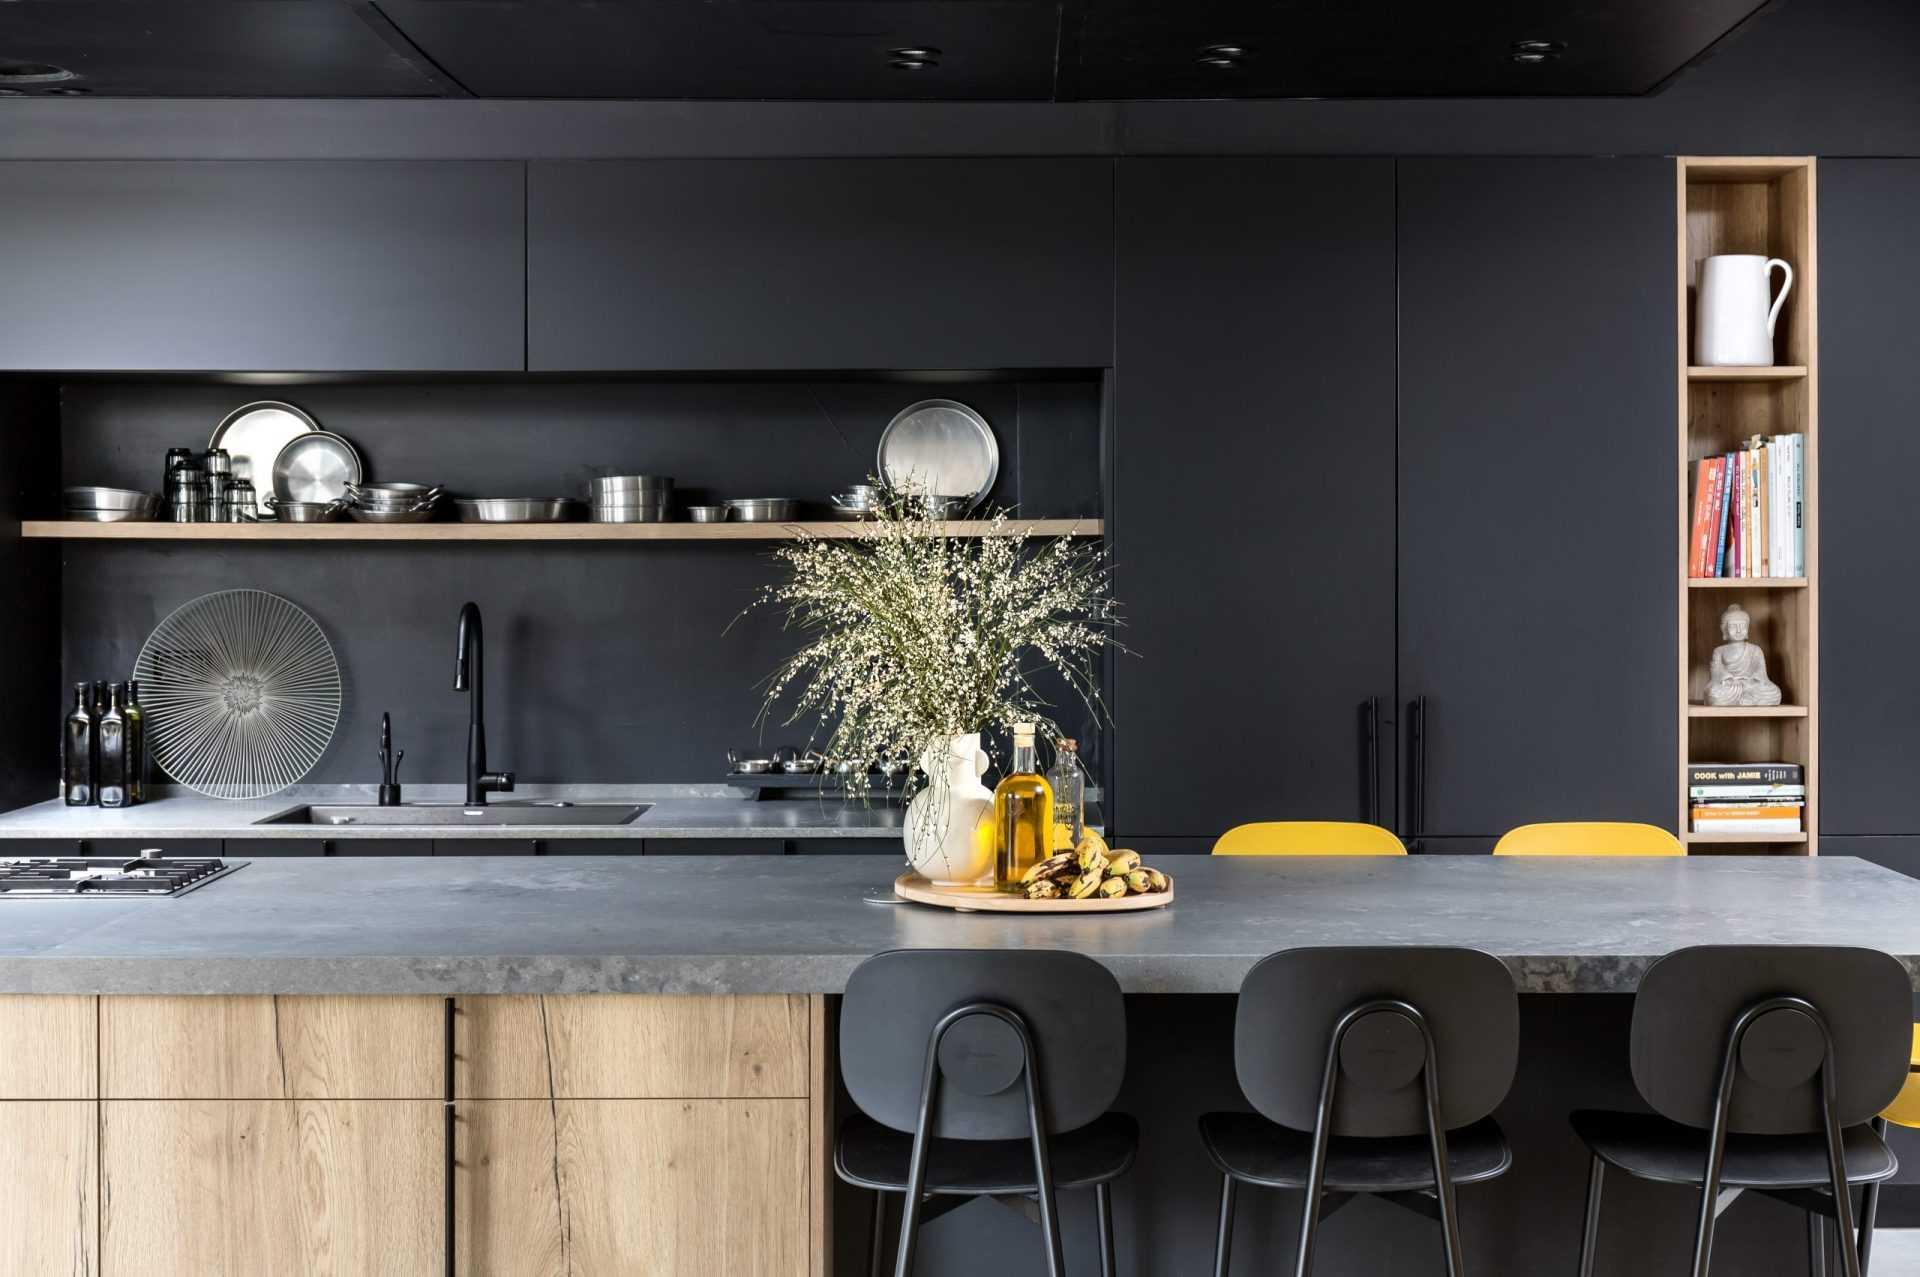 אי למטבח בצבע אפור